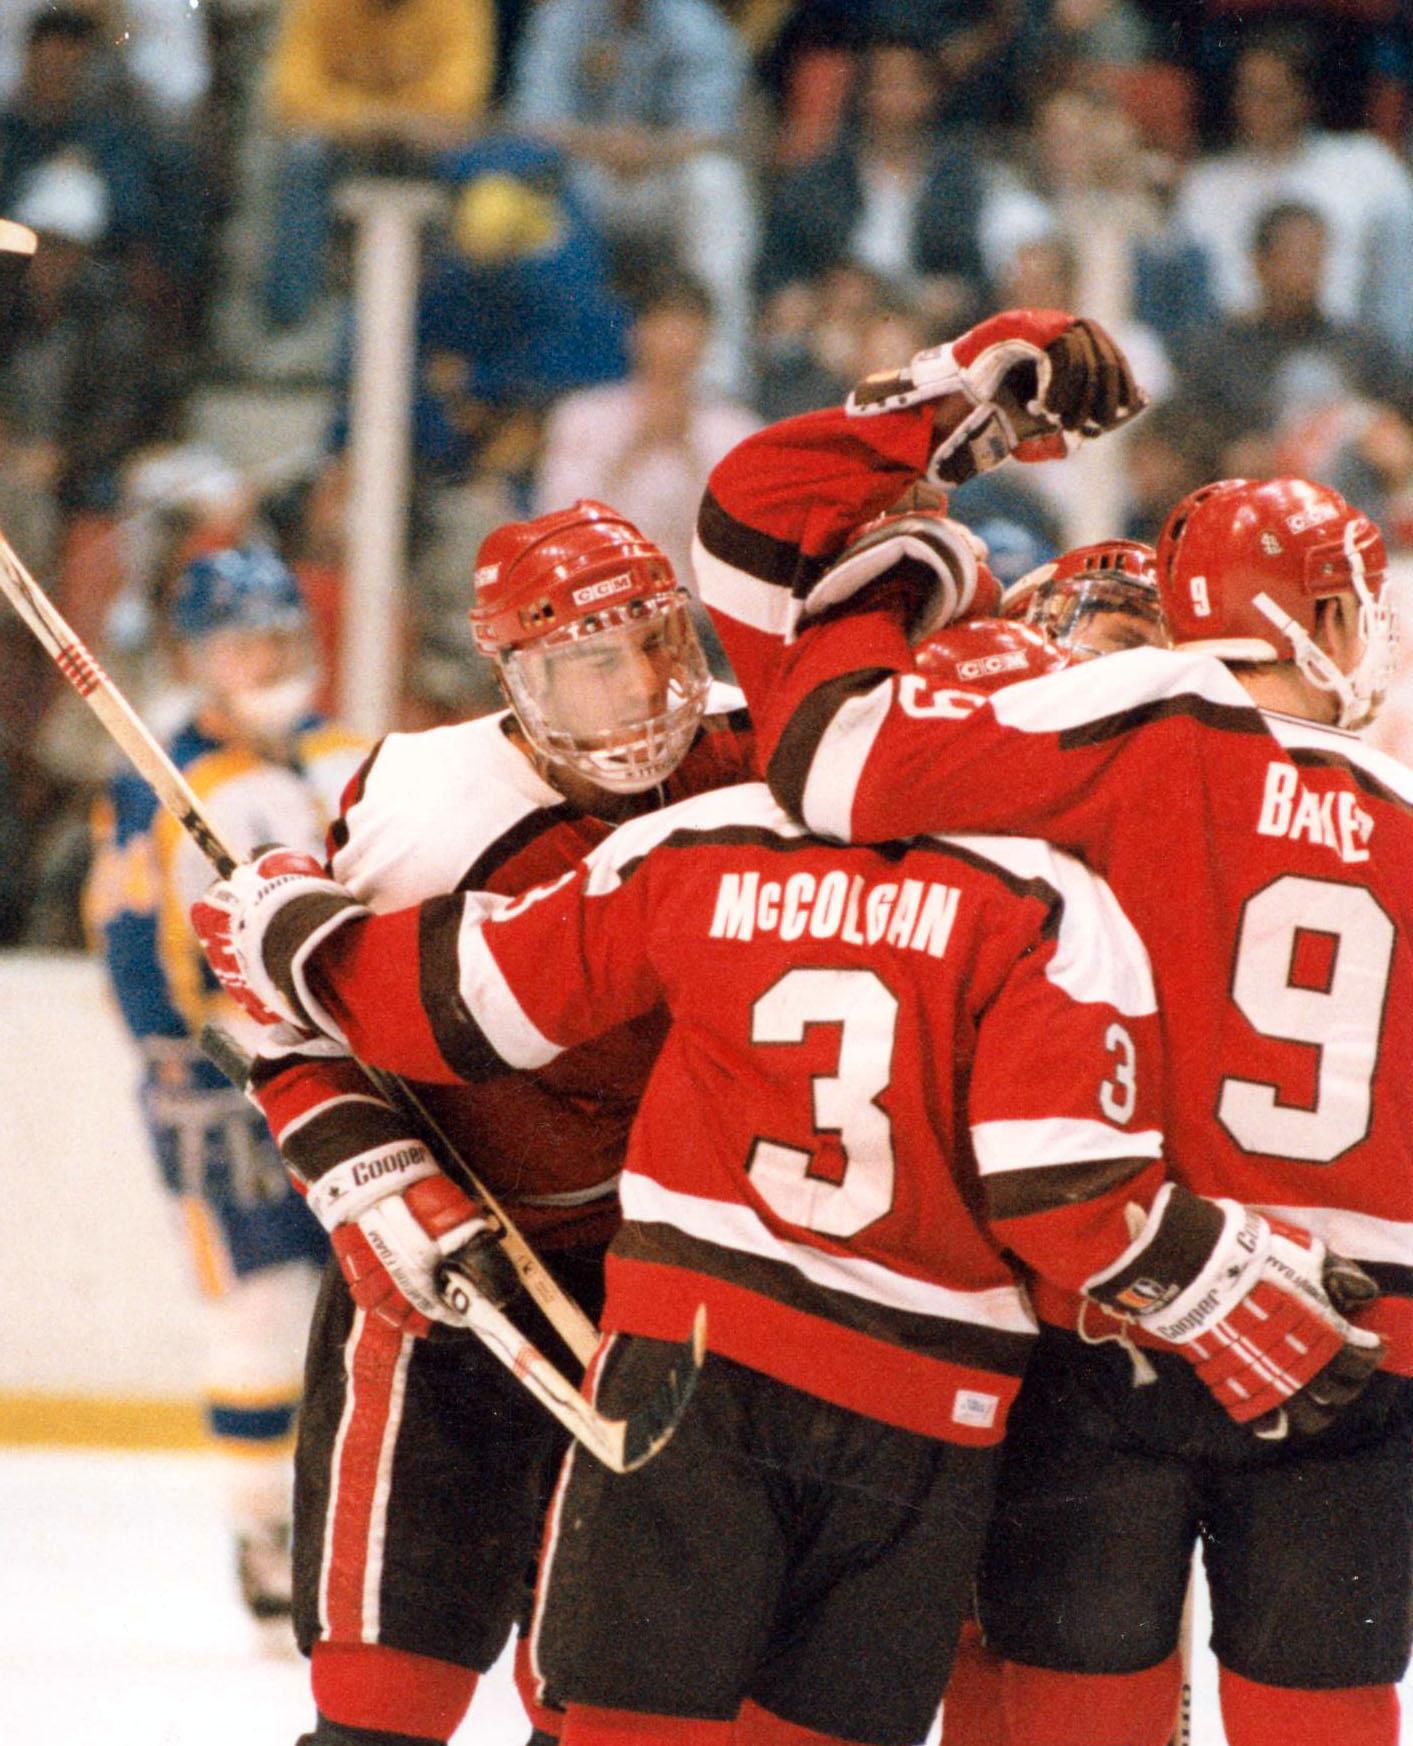 1988 goal celebration.jpg